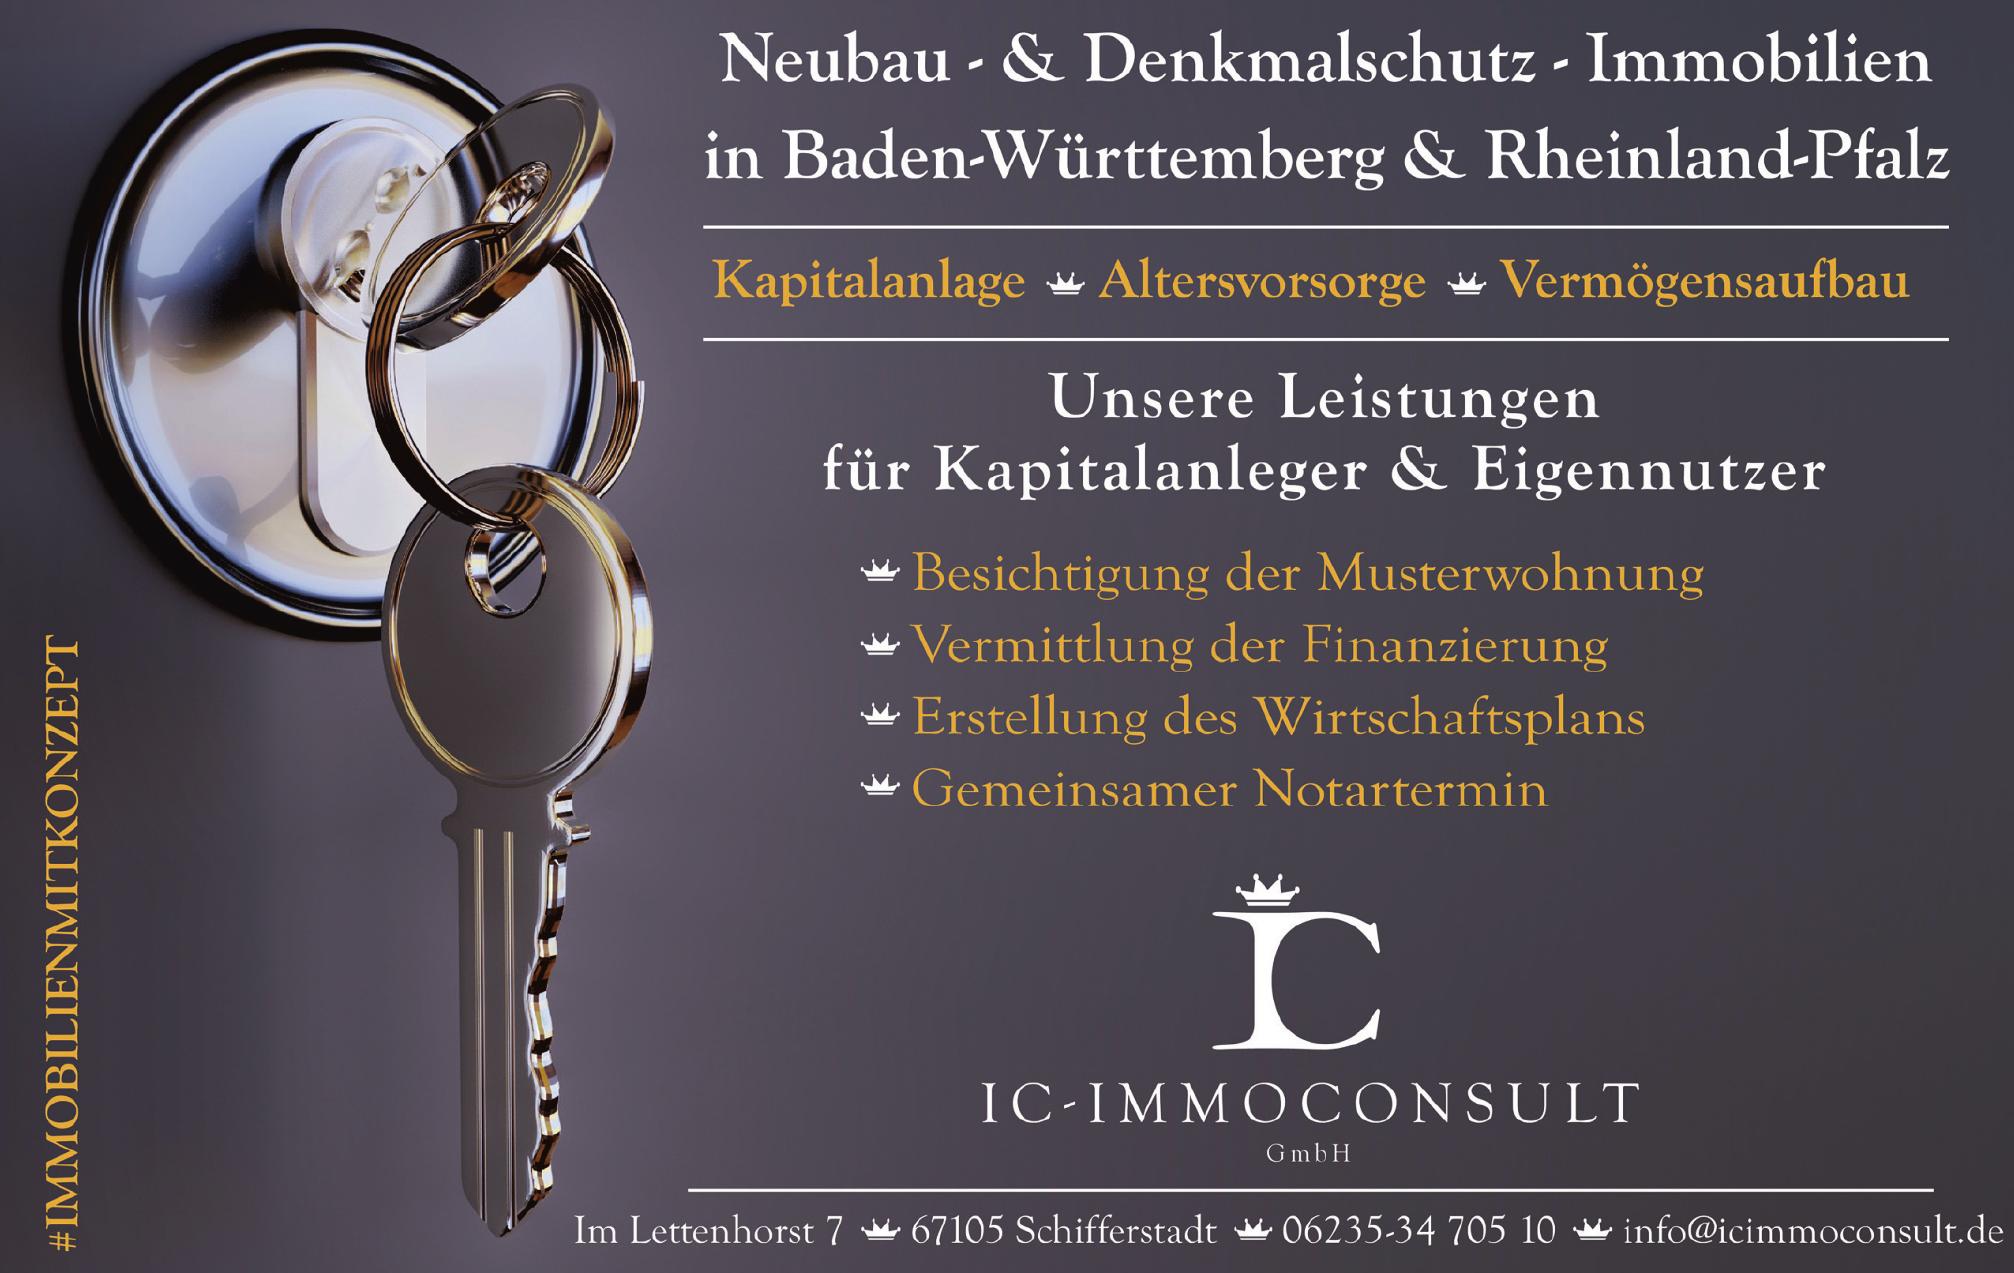 IC Immoconsult GmbH